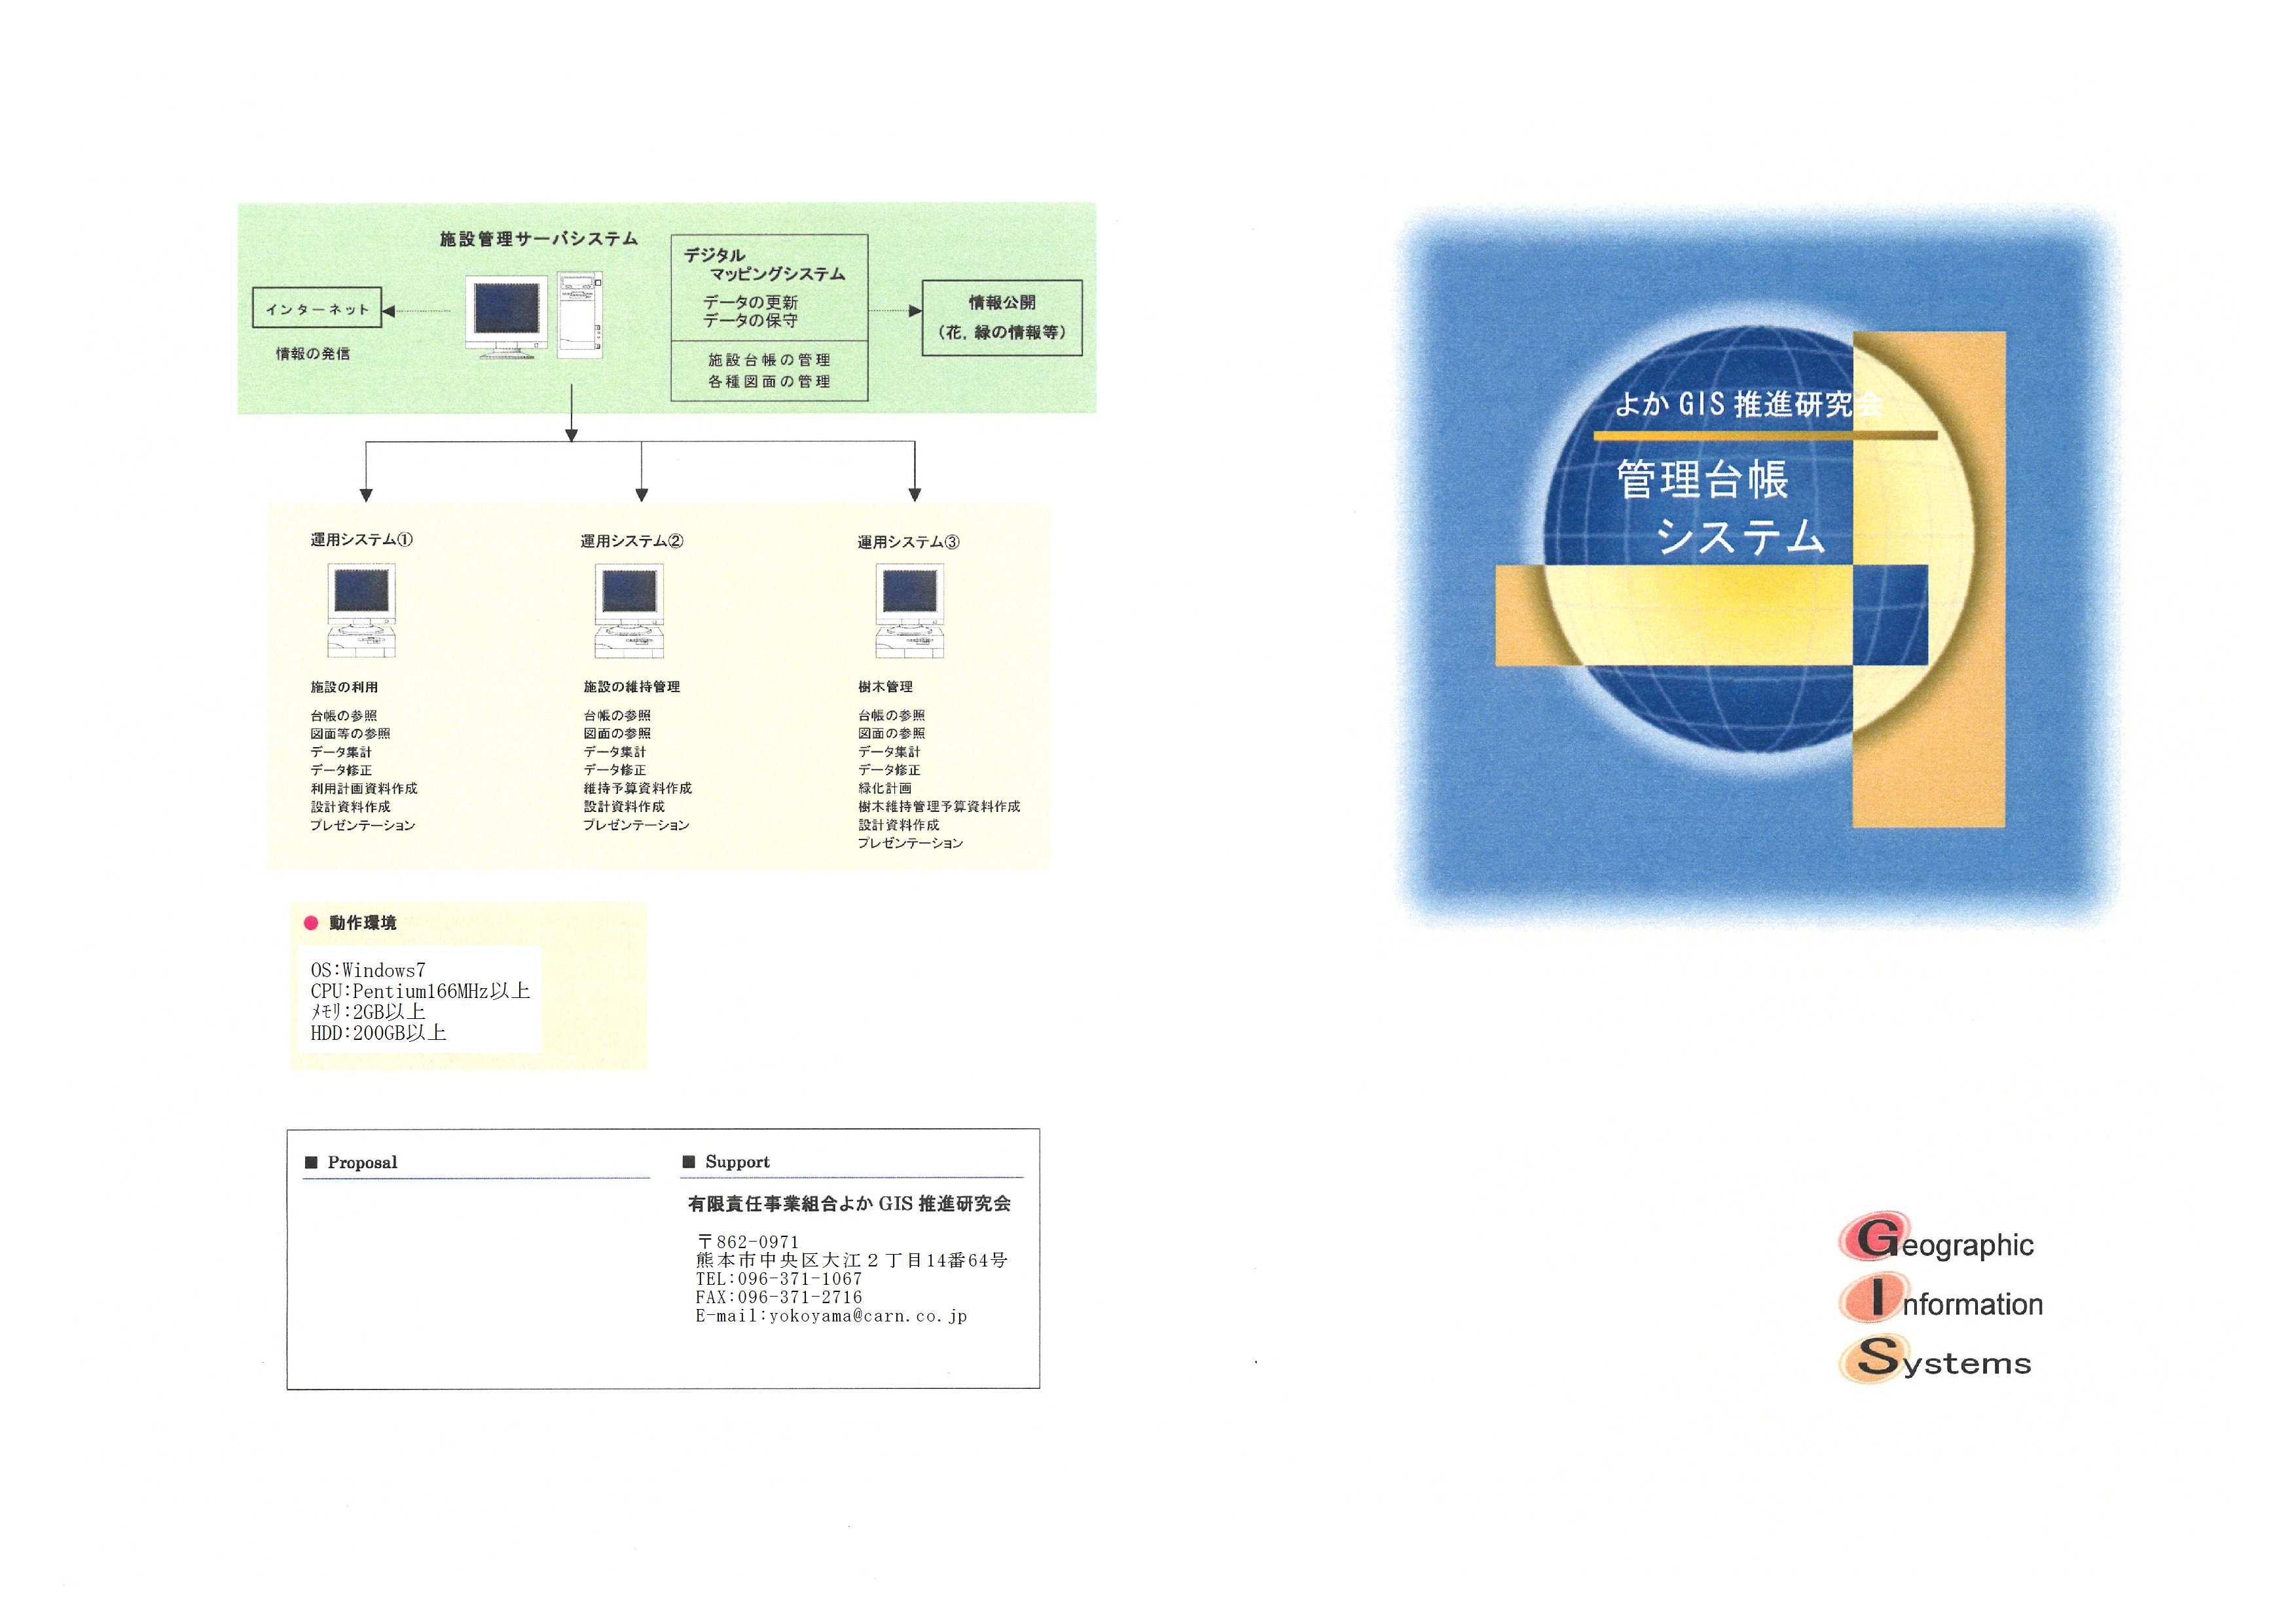 情報システム部門のイメージ